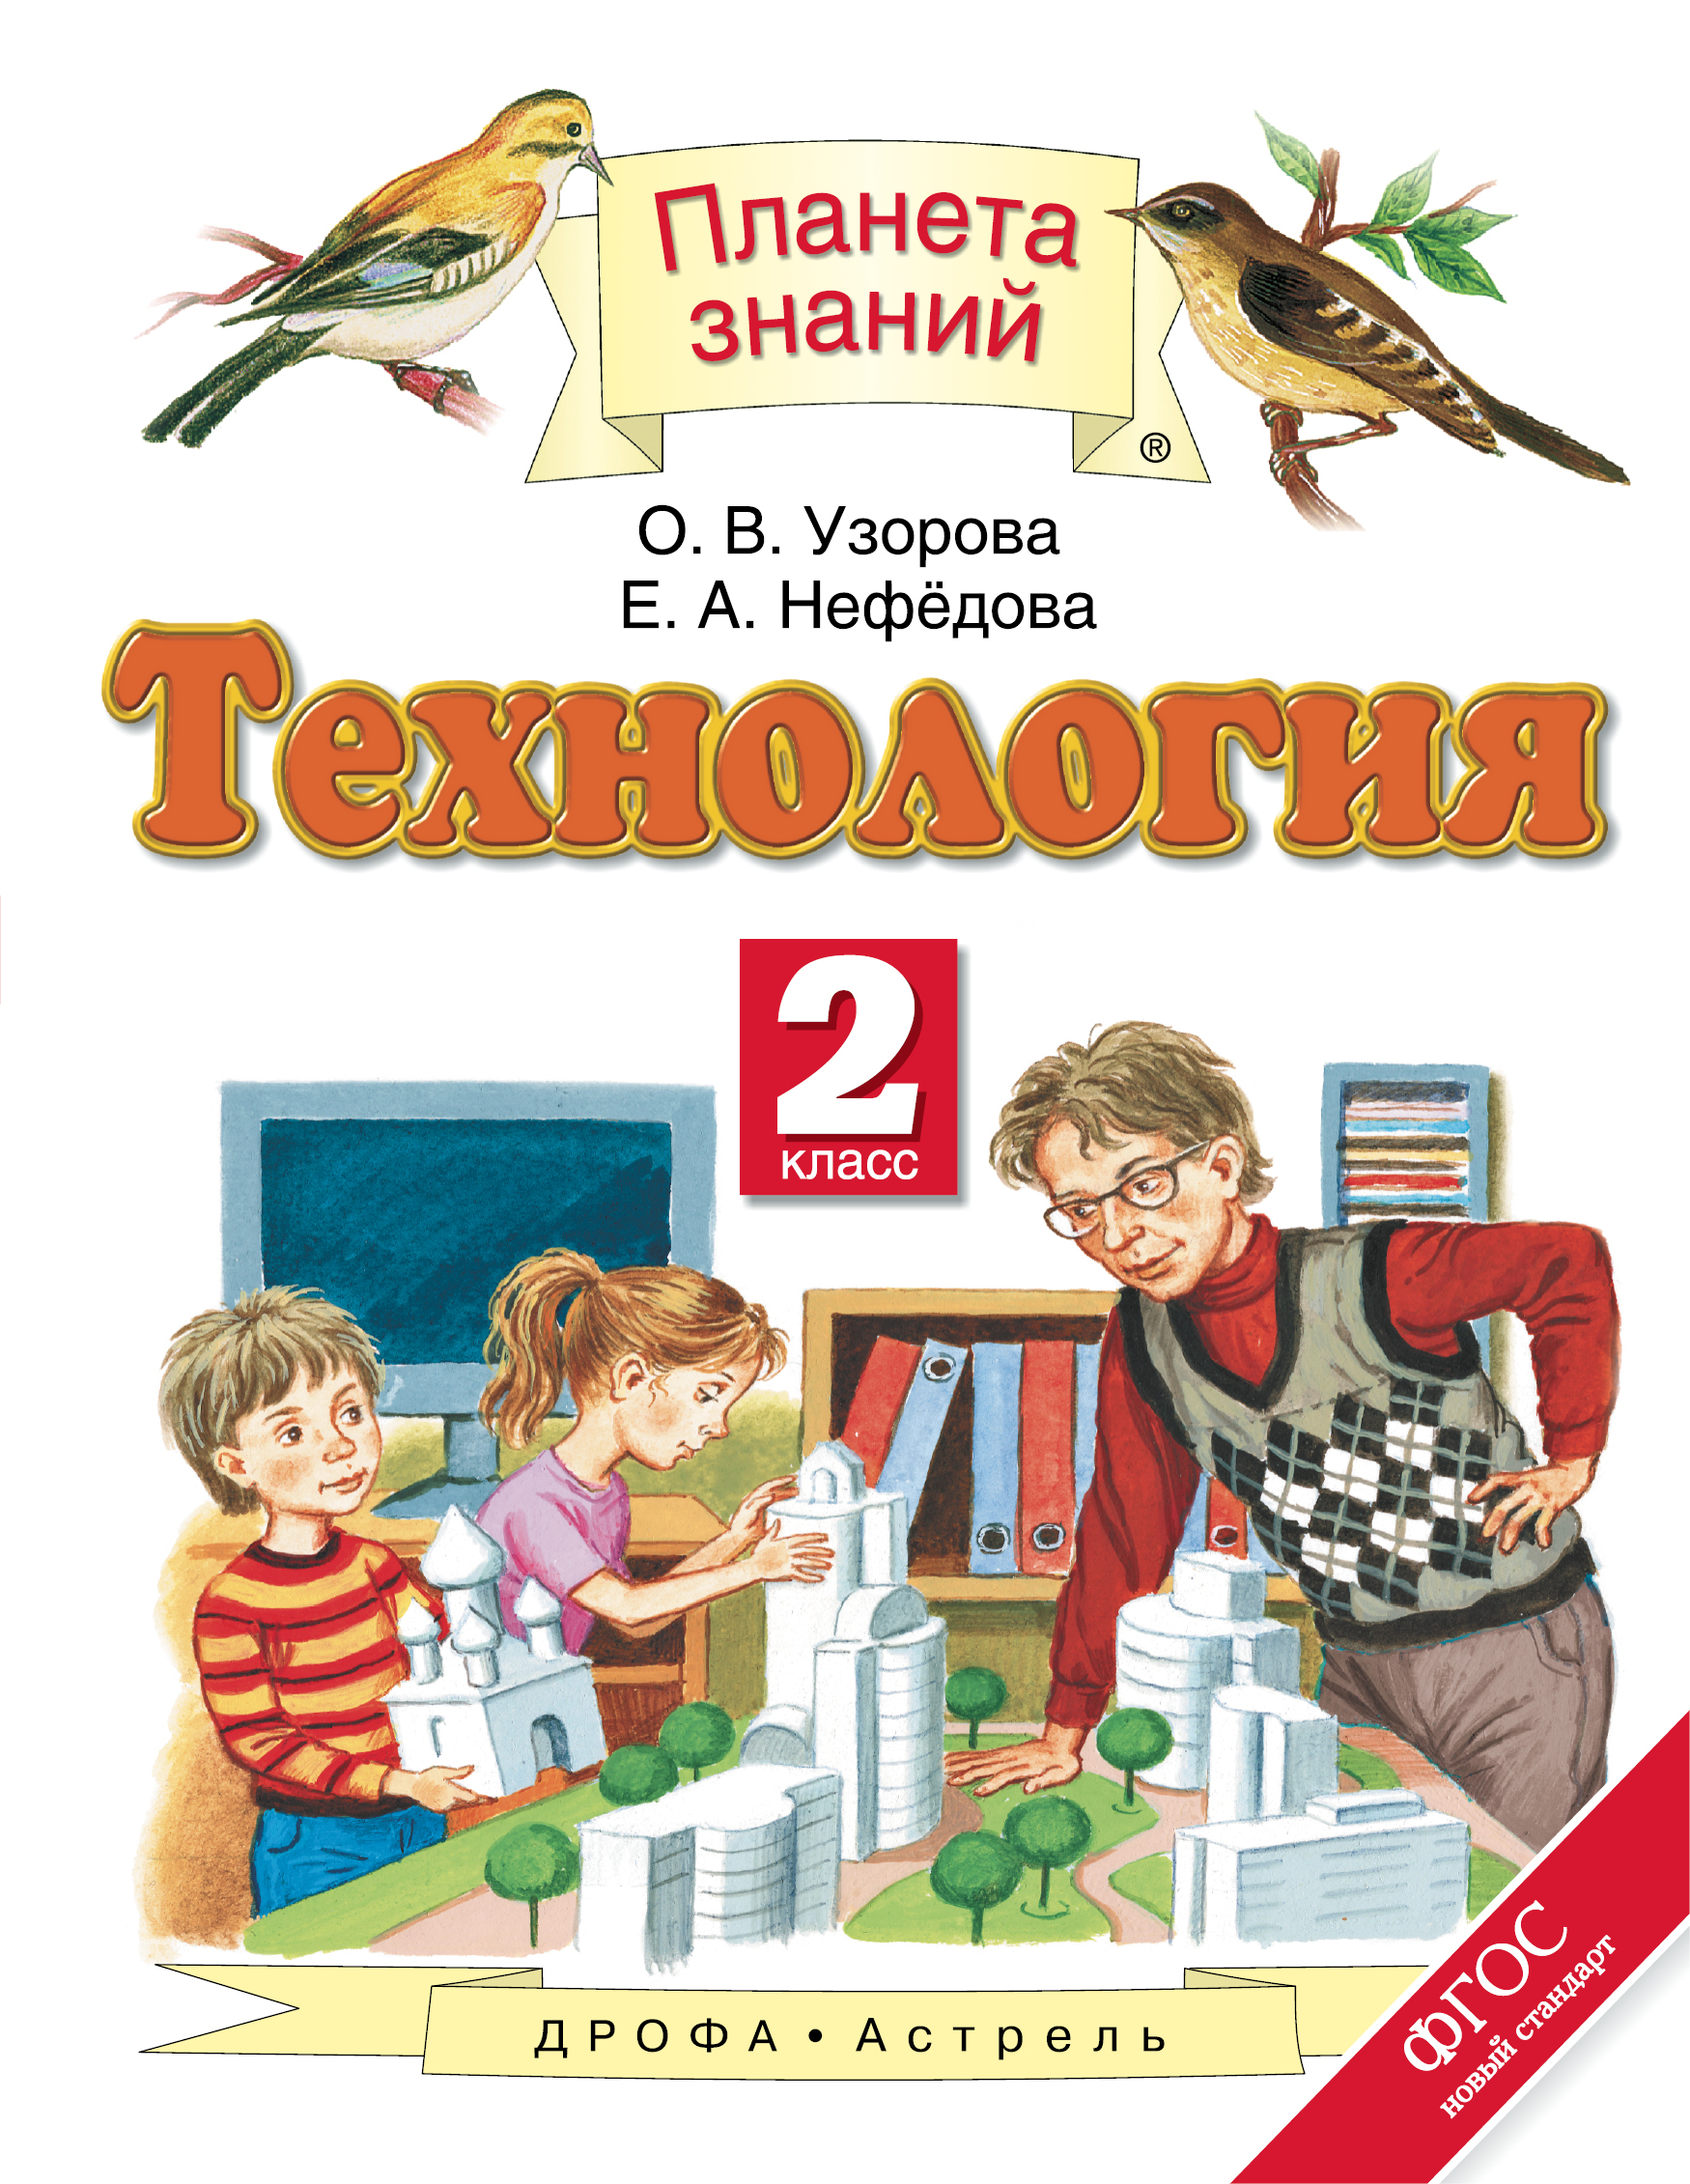 О. В. Узорова, Е. А. Нефедова Технология. 2 класс. Учебник